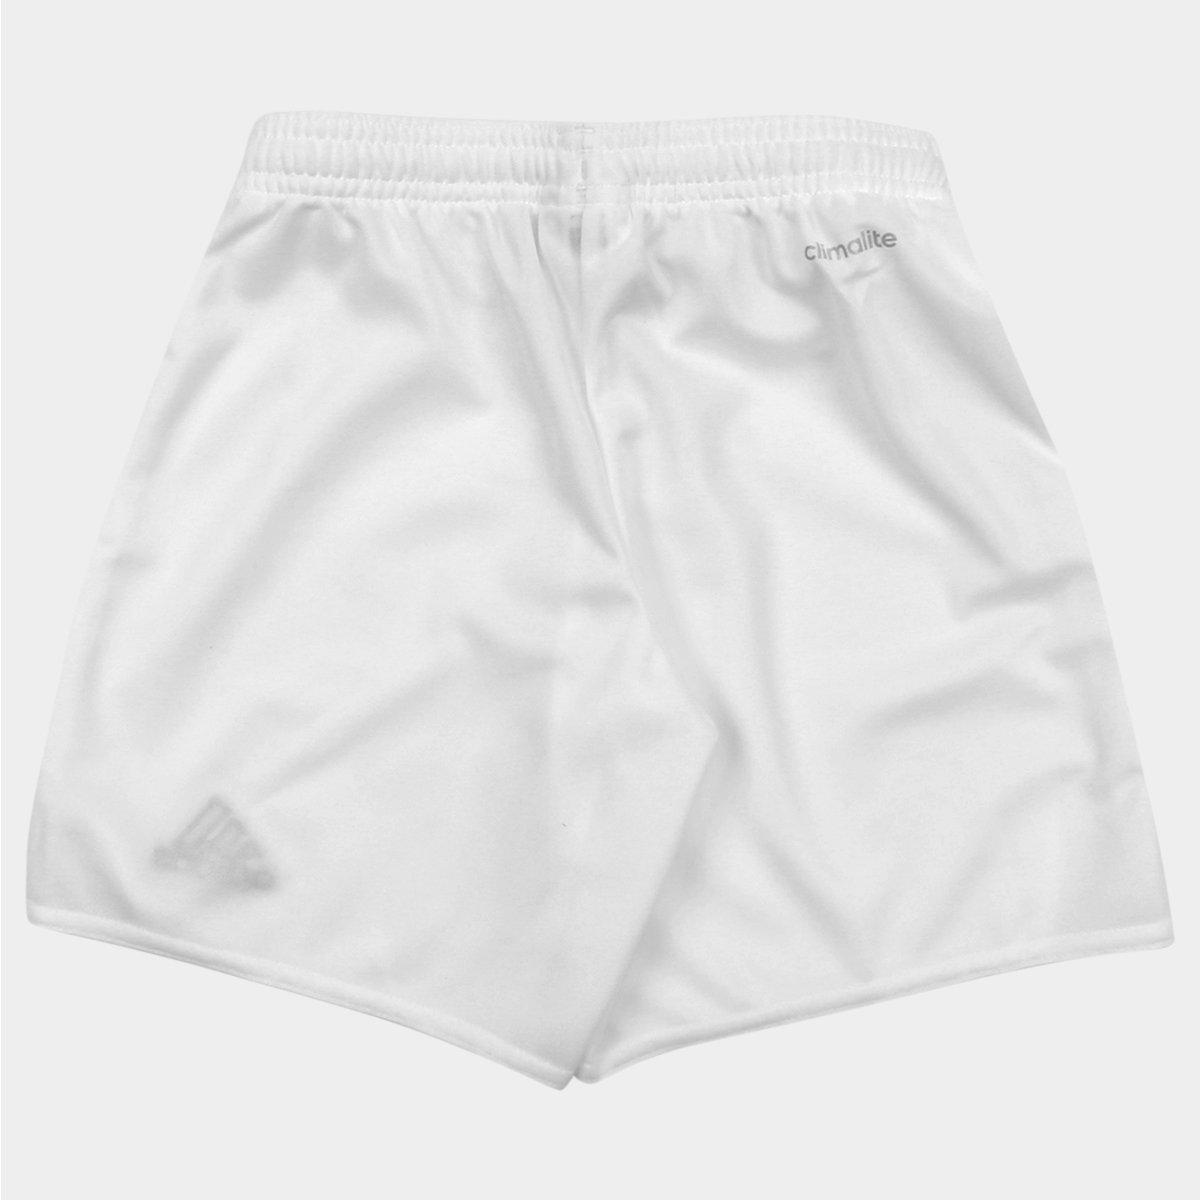 Calção Infantil Adidas Parma 16 - Branco e Preto - Compre Agora ... 3a34c6ad78a2c